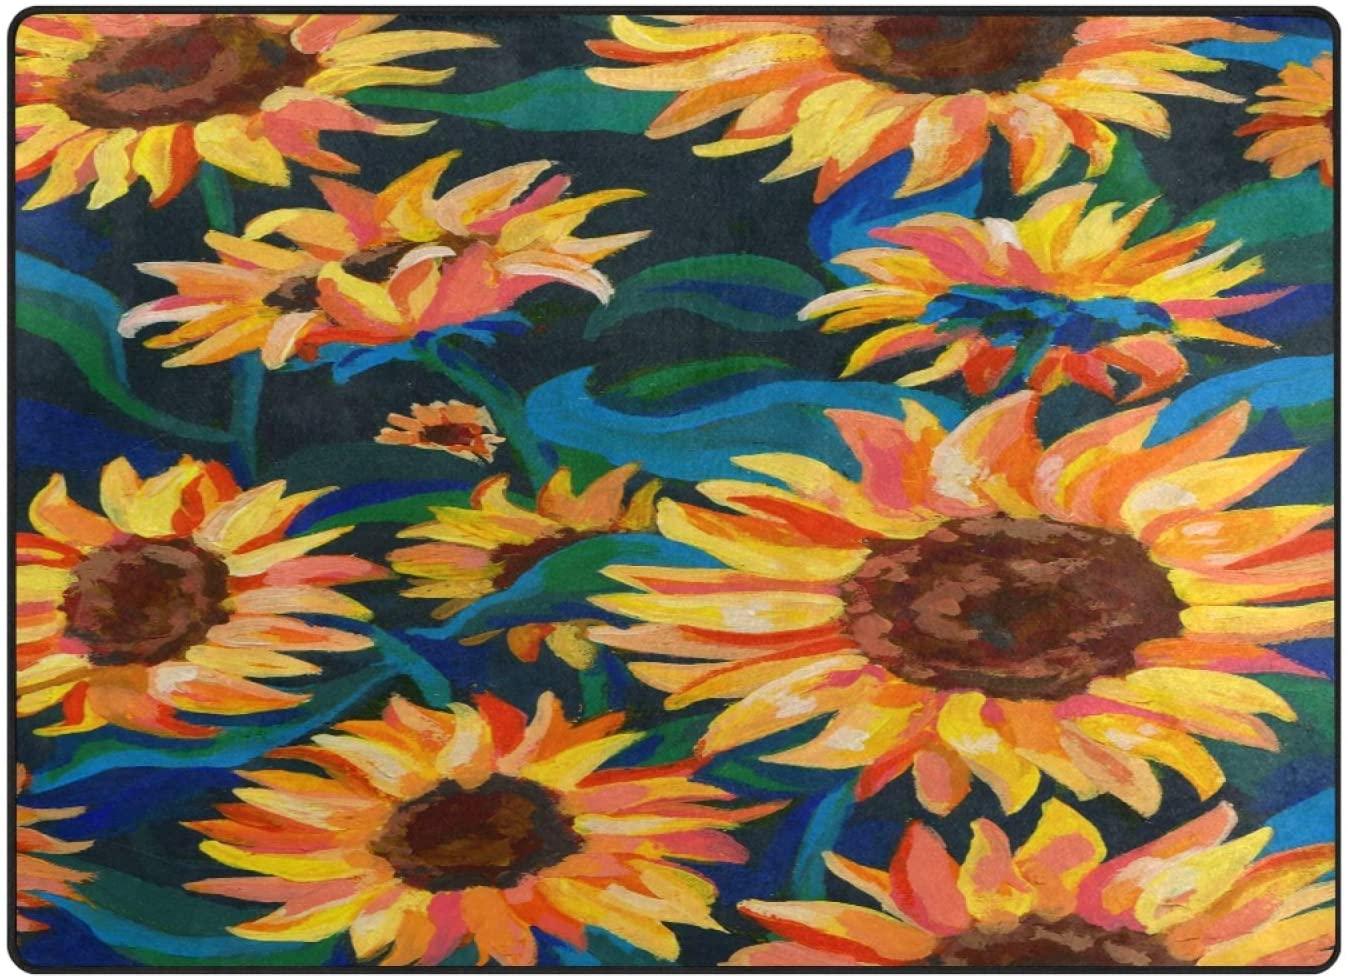 ALAZA Sunflower Art Vintage Area Rugs Non-Slip Floor Mat for Living Room Bedroom Home Decor